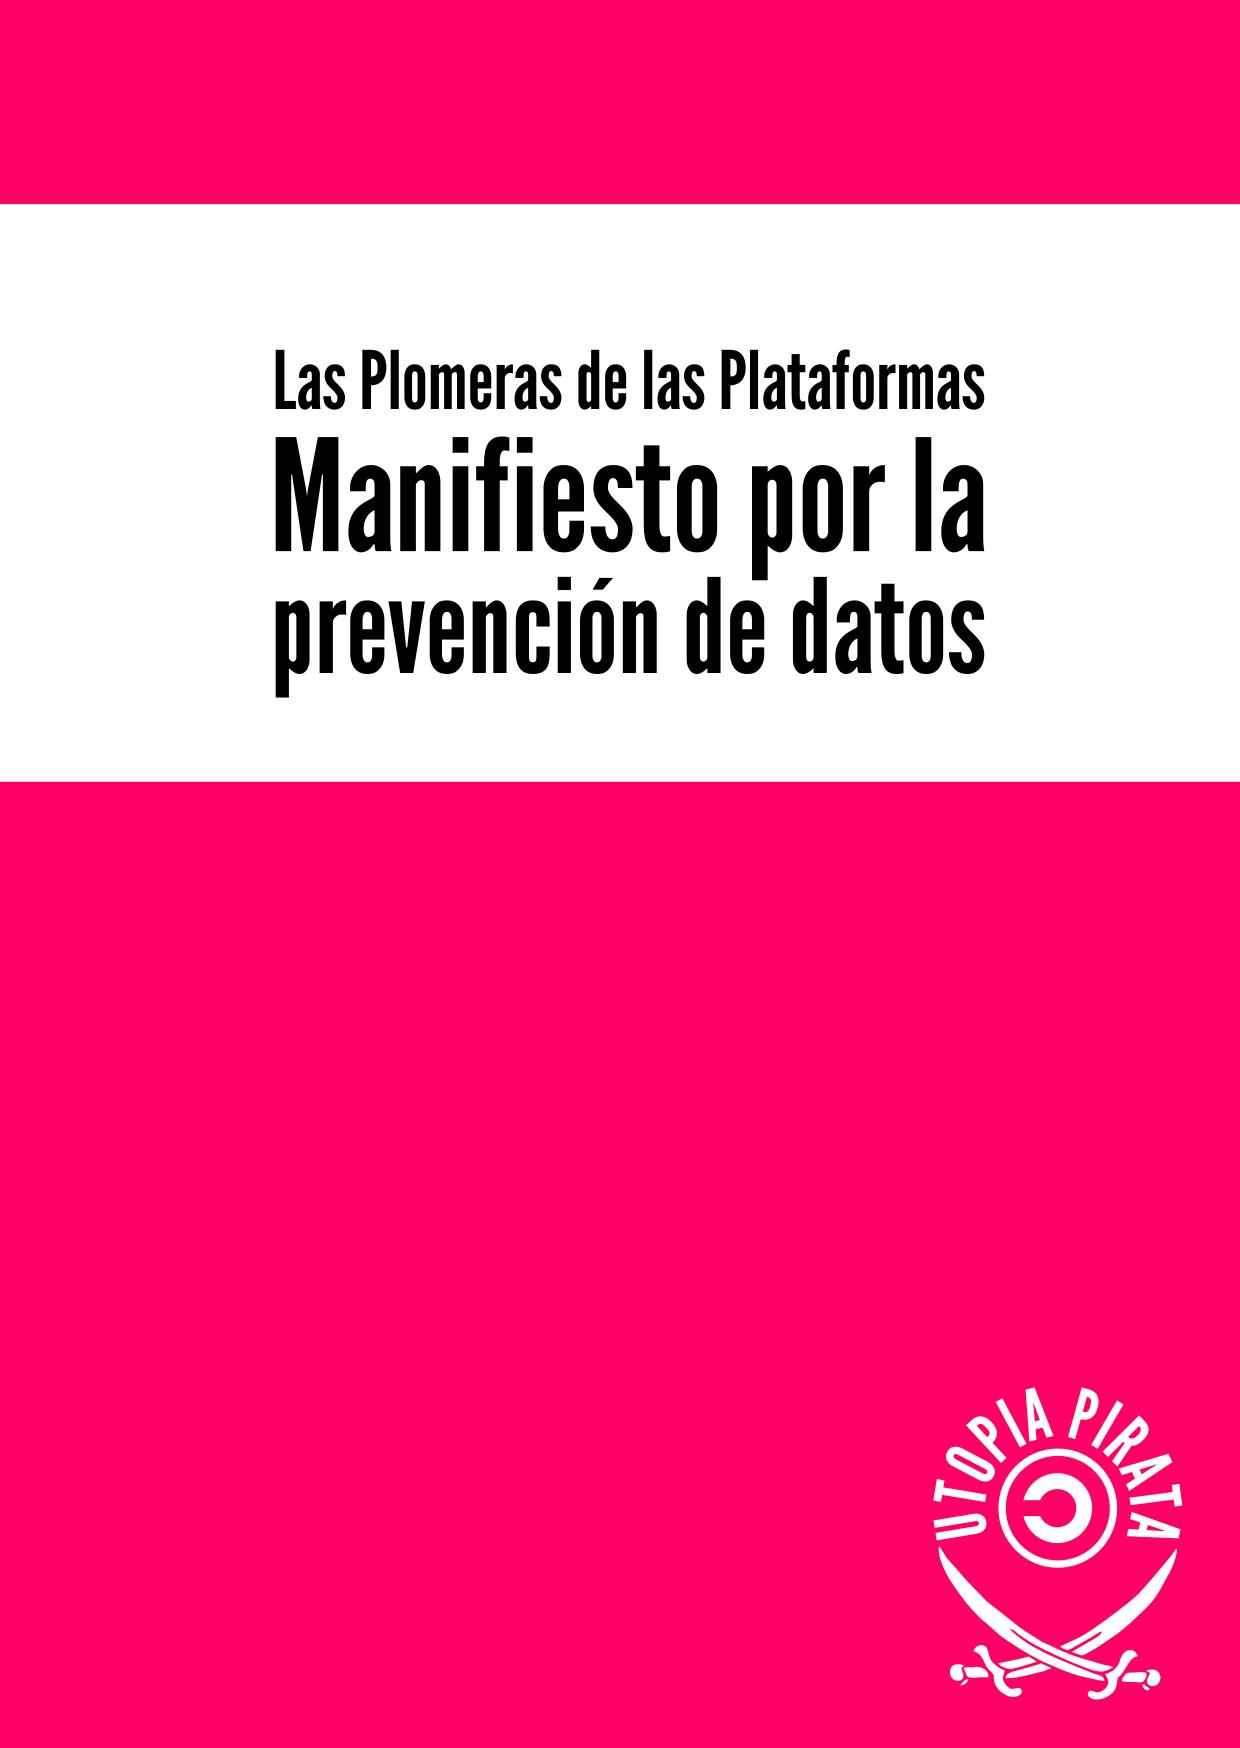 assets/covers/single/manifiesto_por_la_prevencion_de_datos.png